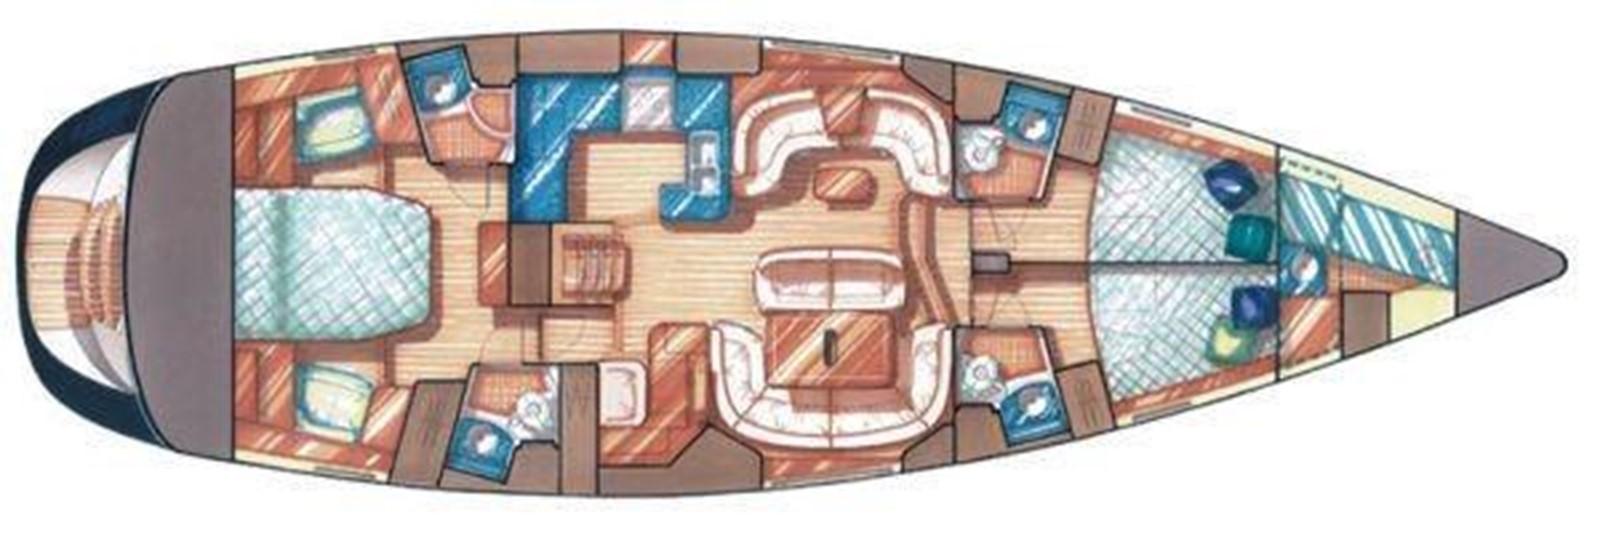 Interior Floorplan 2009 JEANNEAU DS 54  2309383